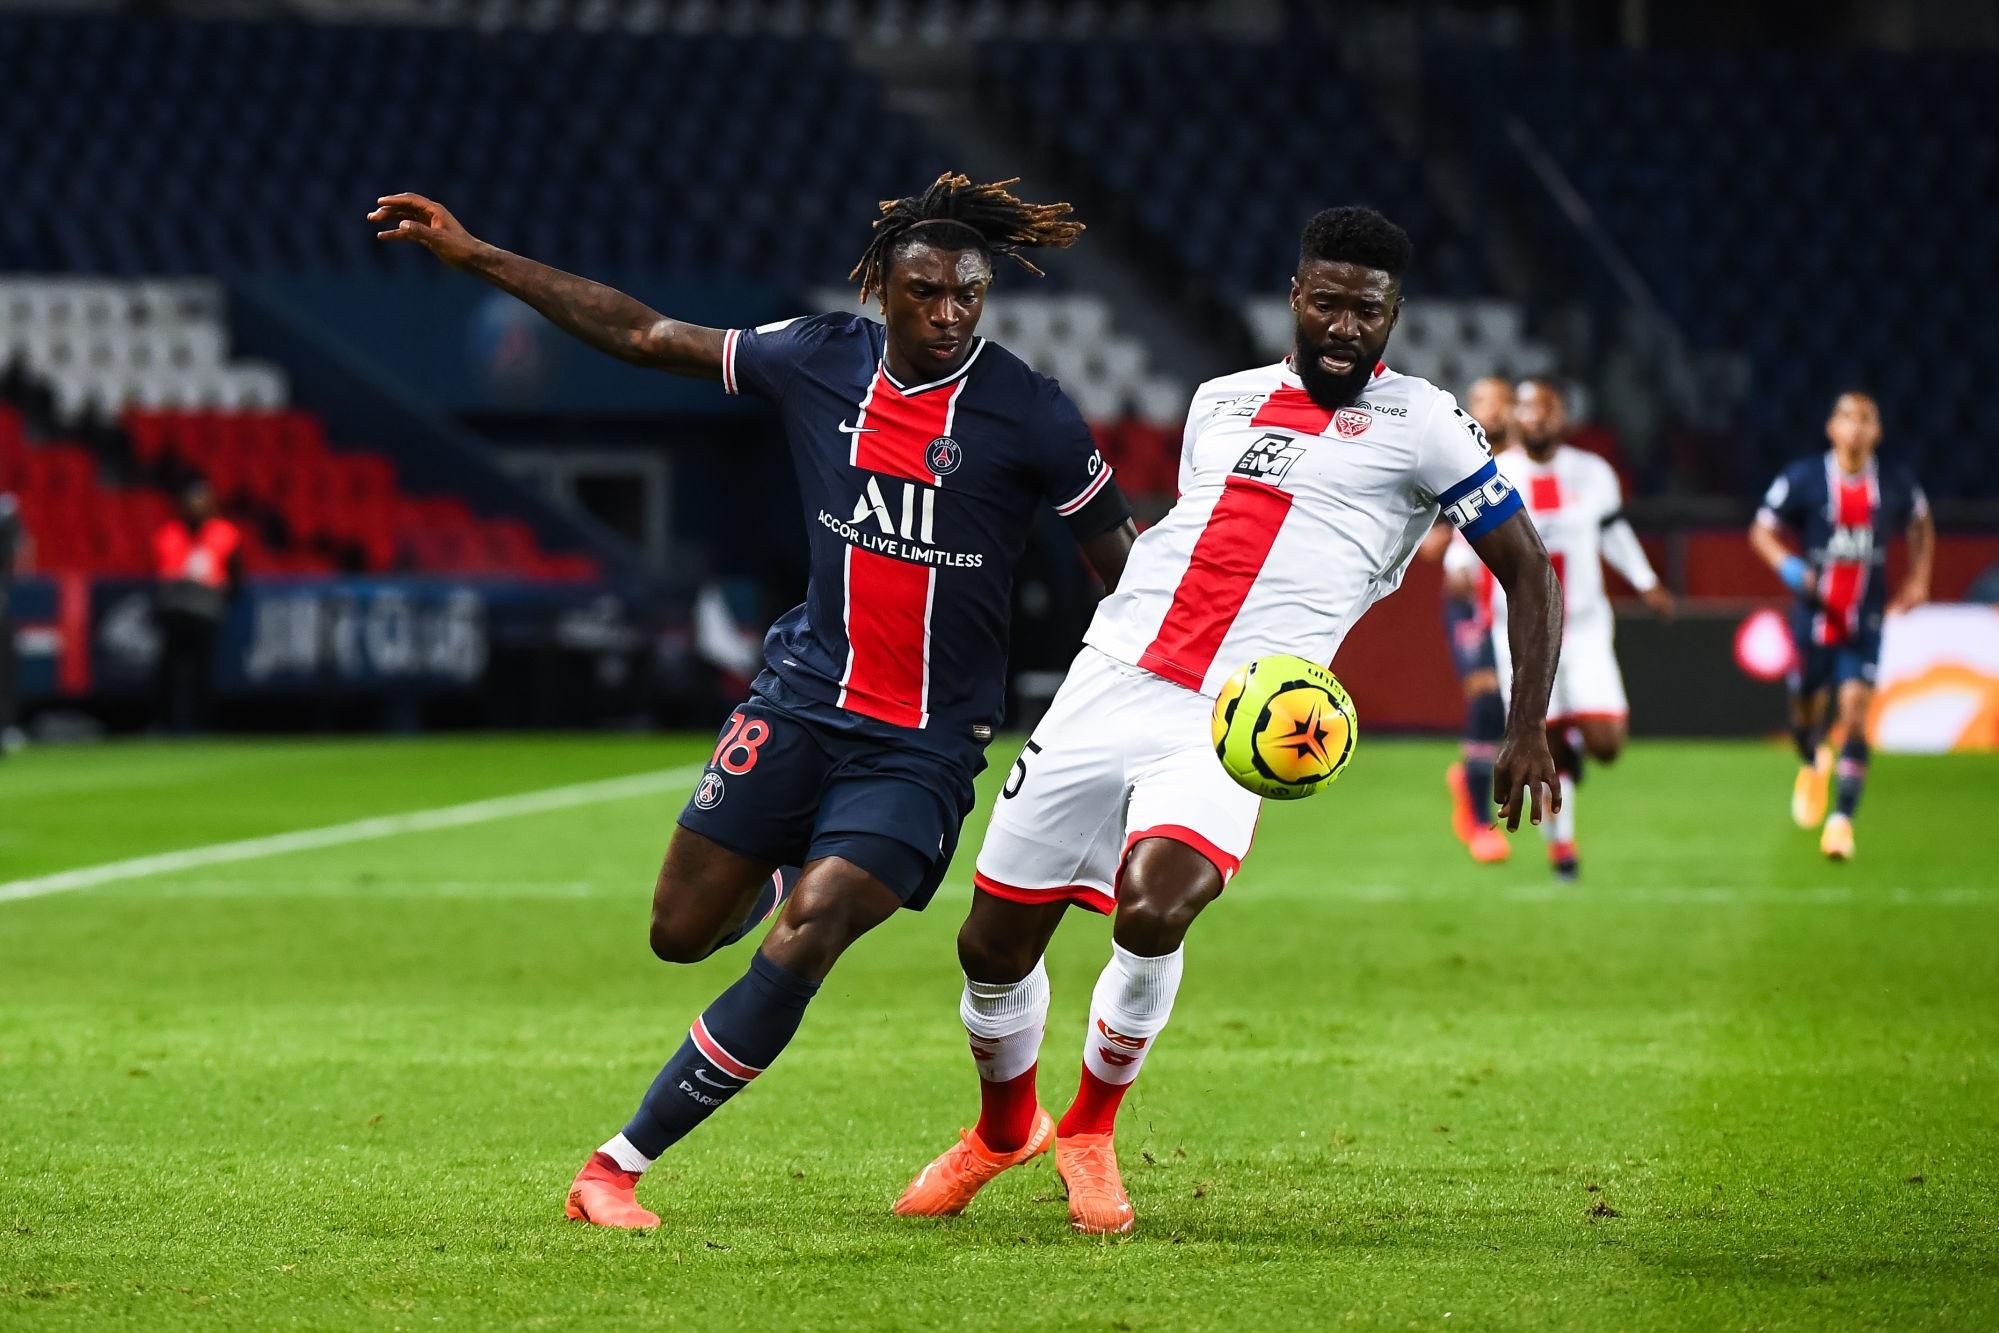 PSG/Dijon - Ecuele Manga regrette les occasions ratées et la mauvaise entame